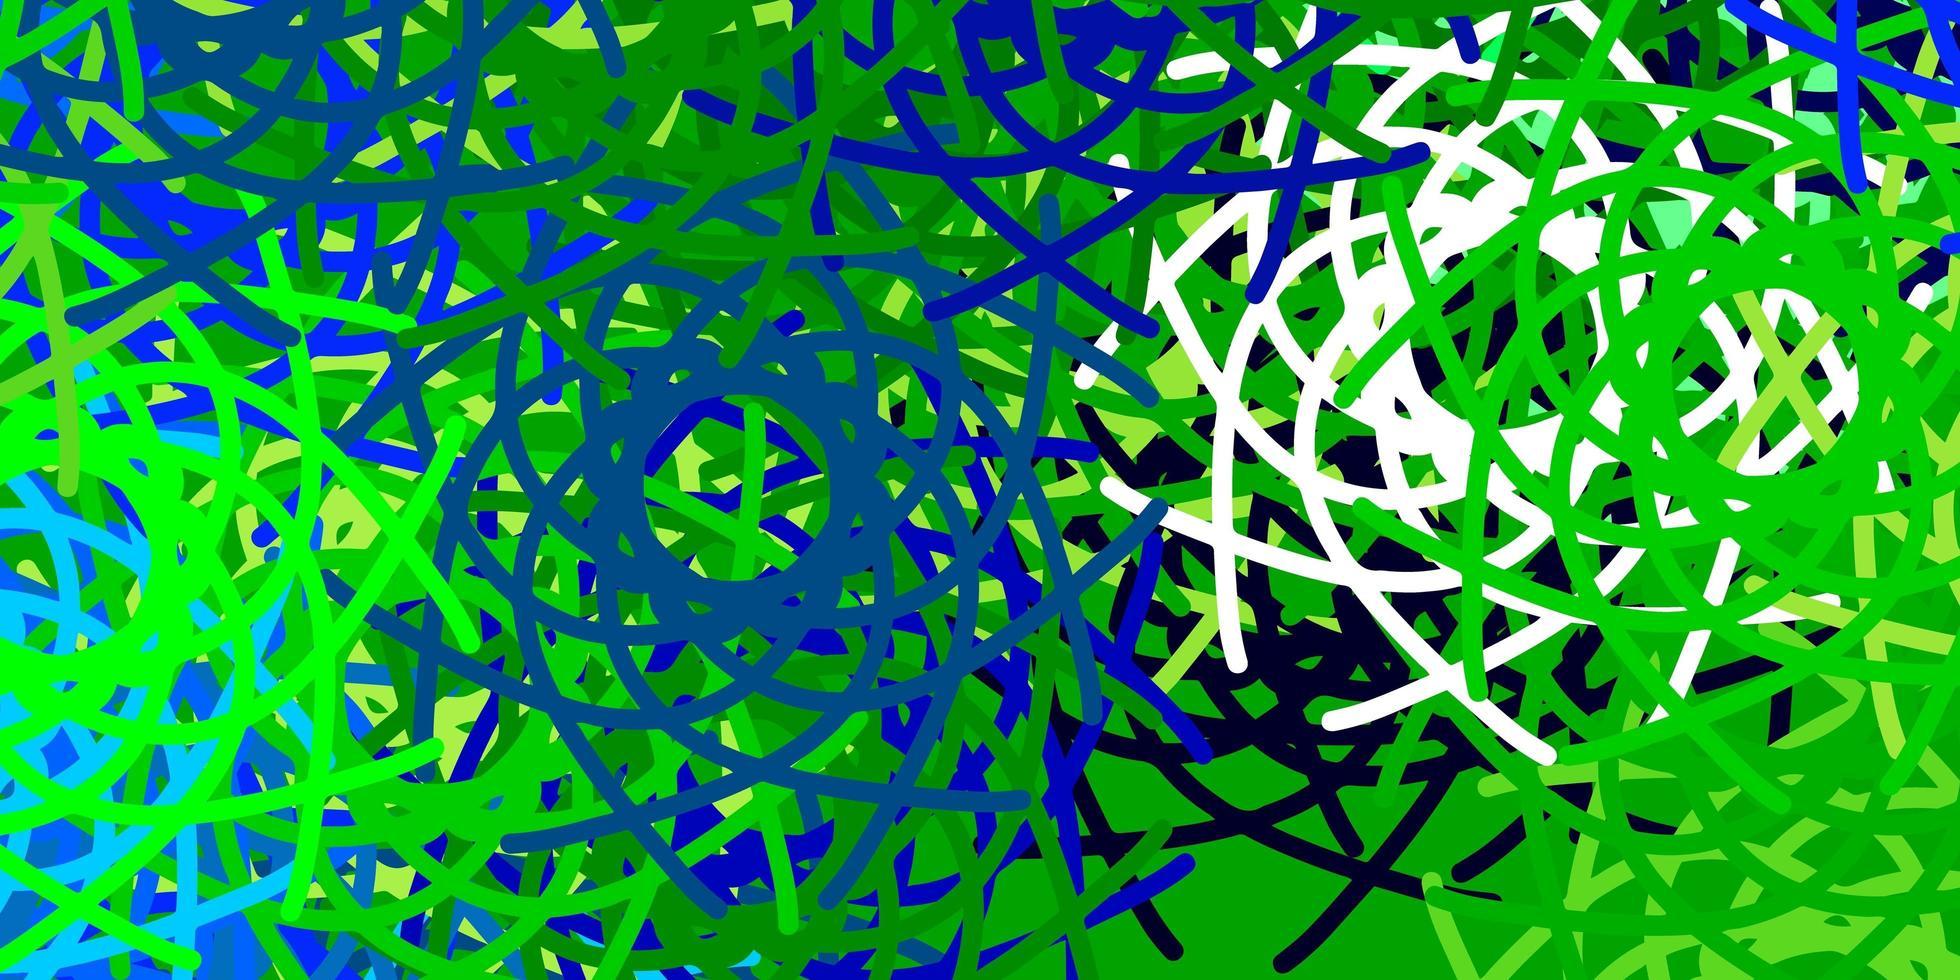 lichtblauw, groen vectormalplaatje met abstracte vormen. vector